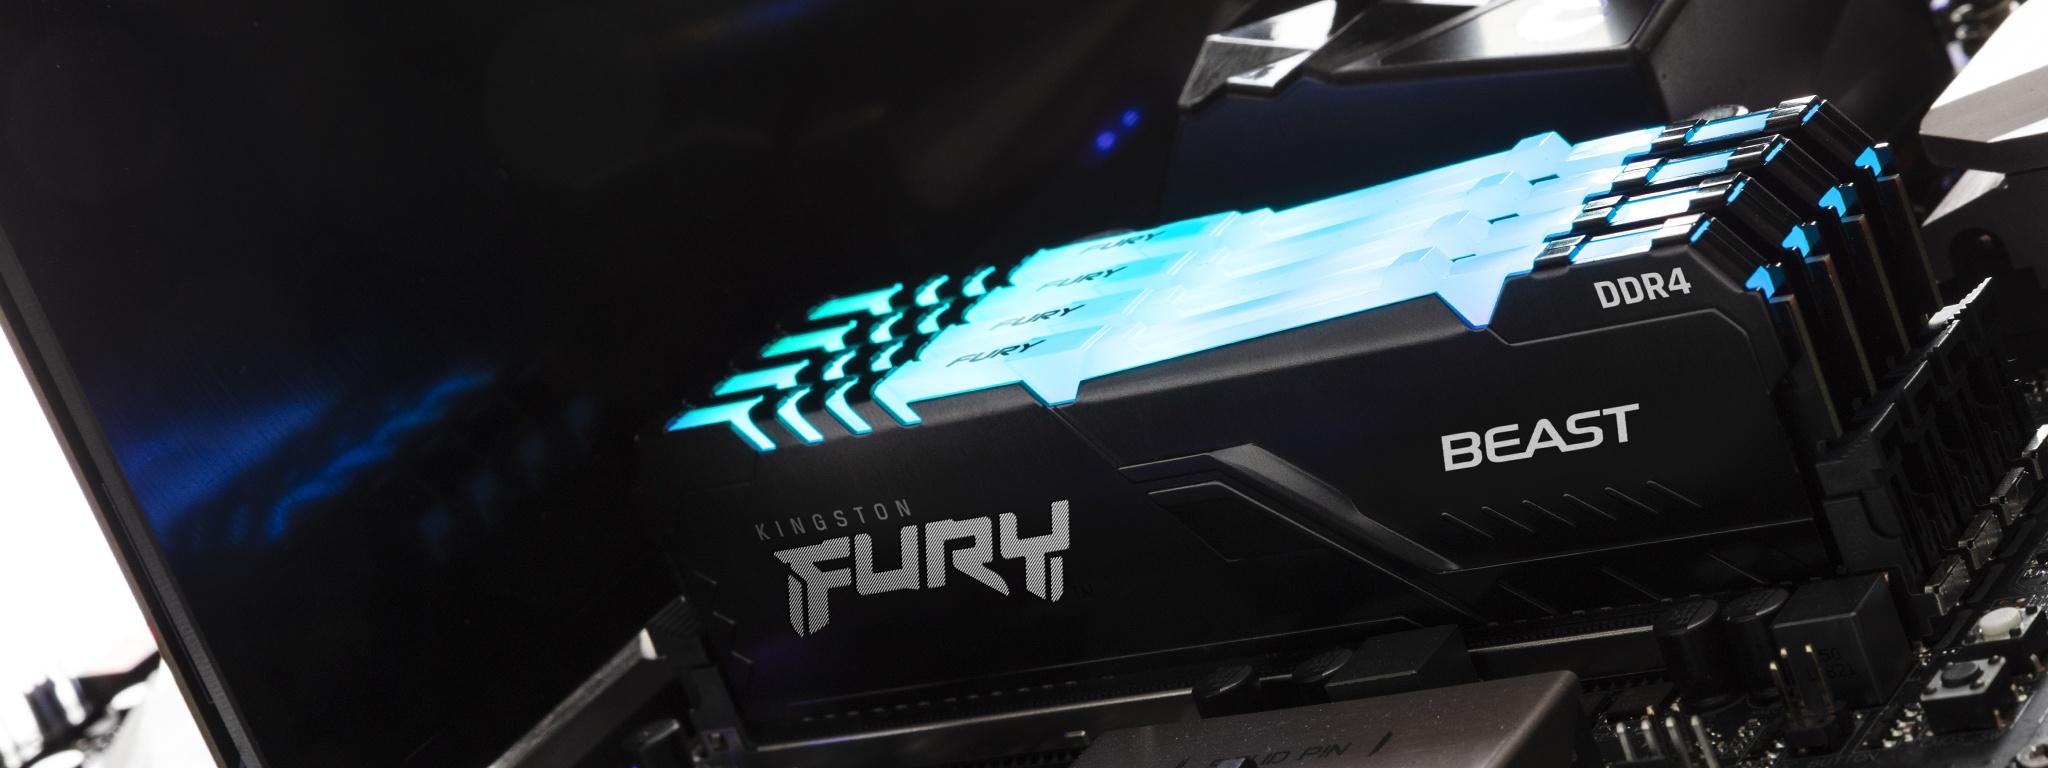 Pamięć Kingston FURY Beast RGB zainstalowana w komputerze z niebieską poświatą na górze modułu